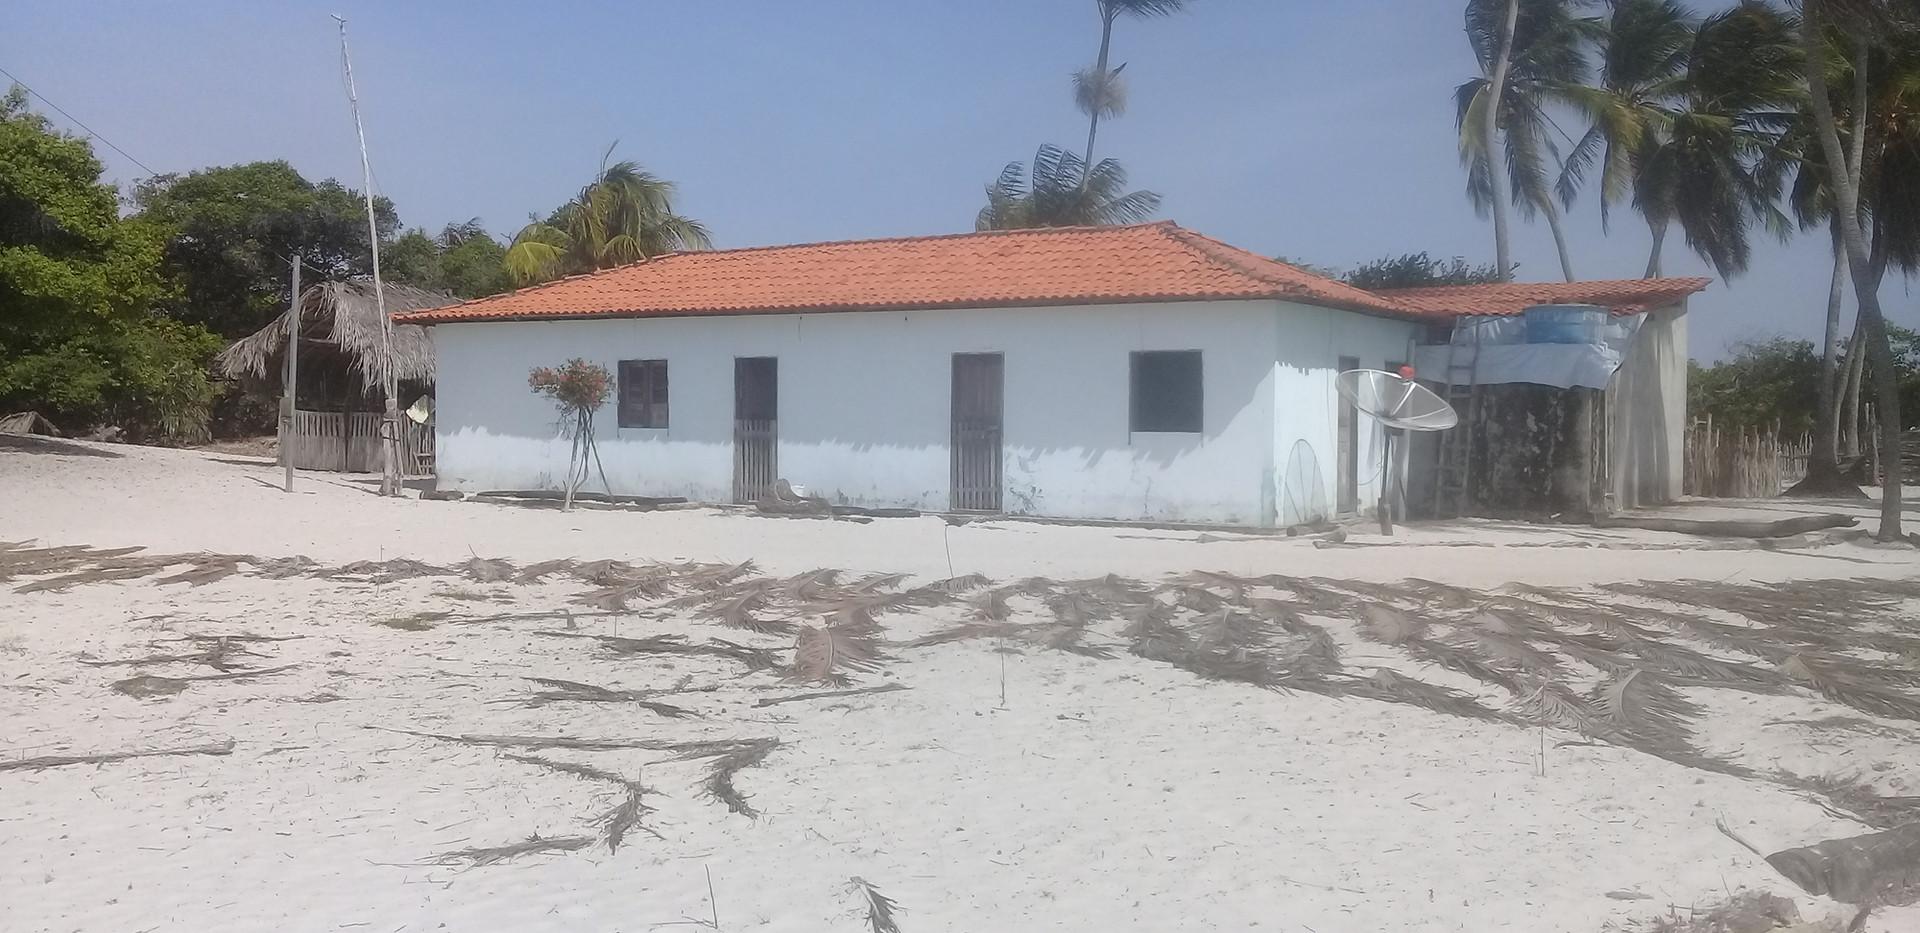 Casa no Povoado Buriti Grosso Lençóis Maranhenses